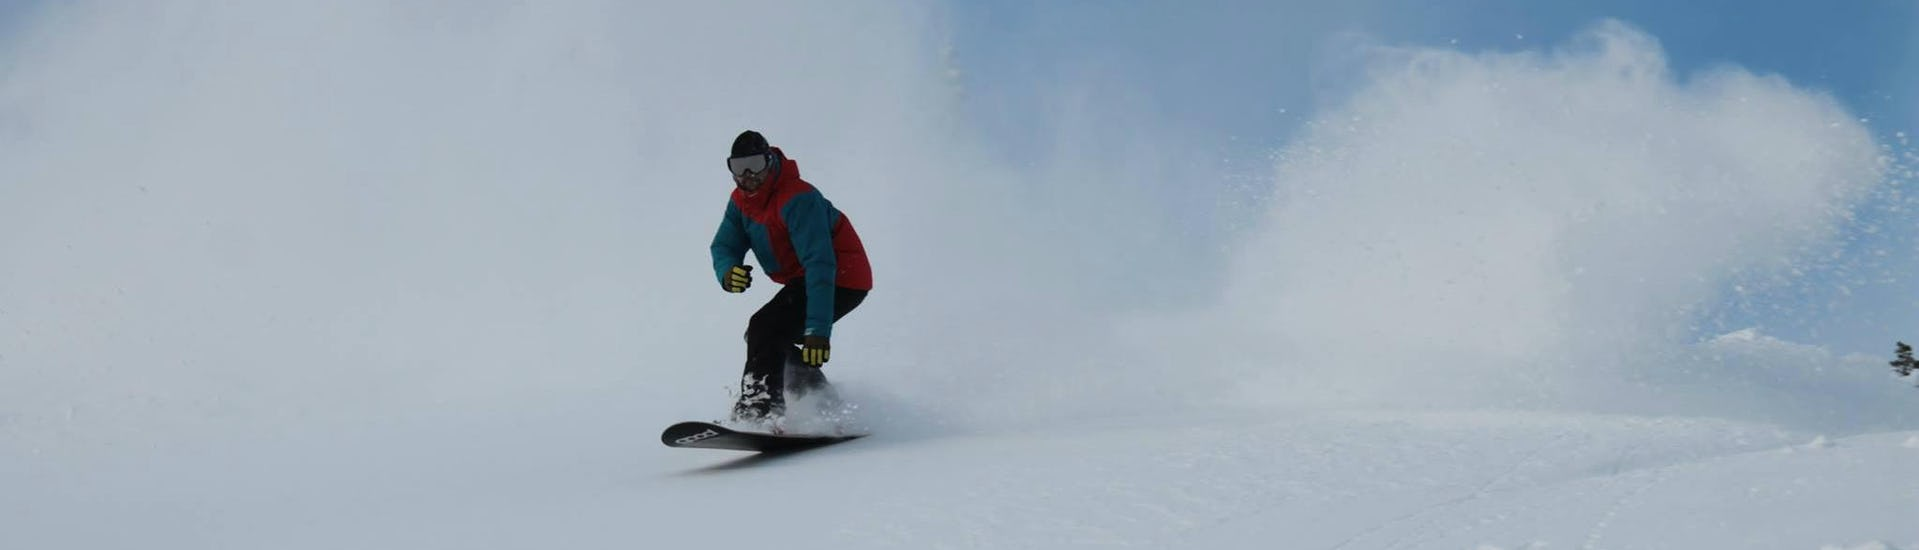 Snowboard Privatlehrer - Inkl. Ausrüstung